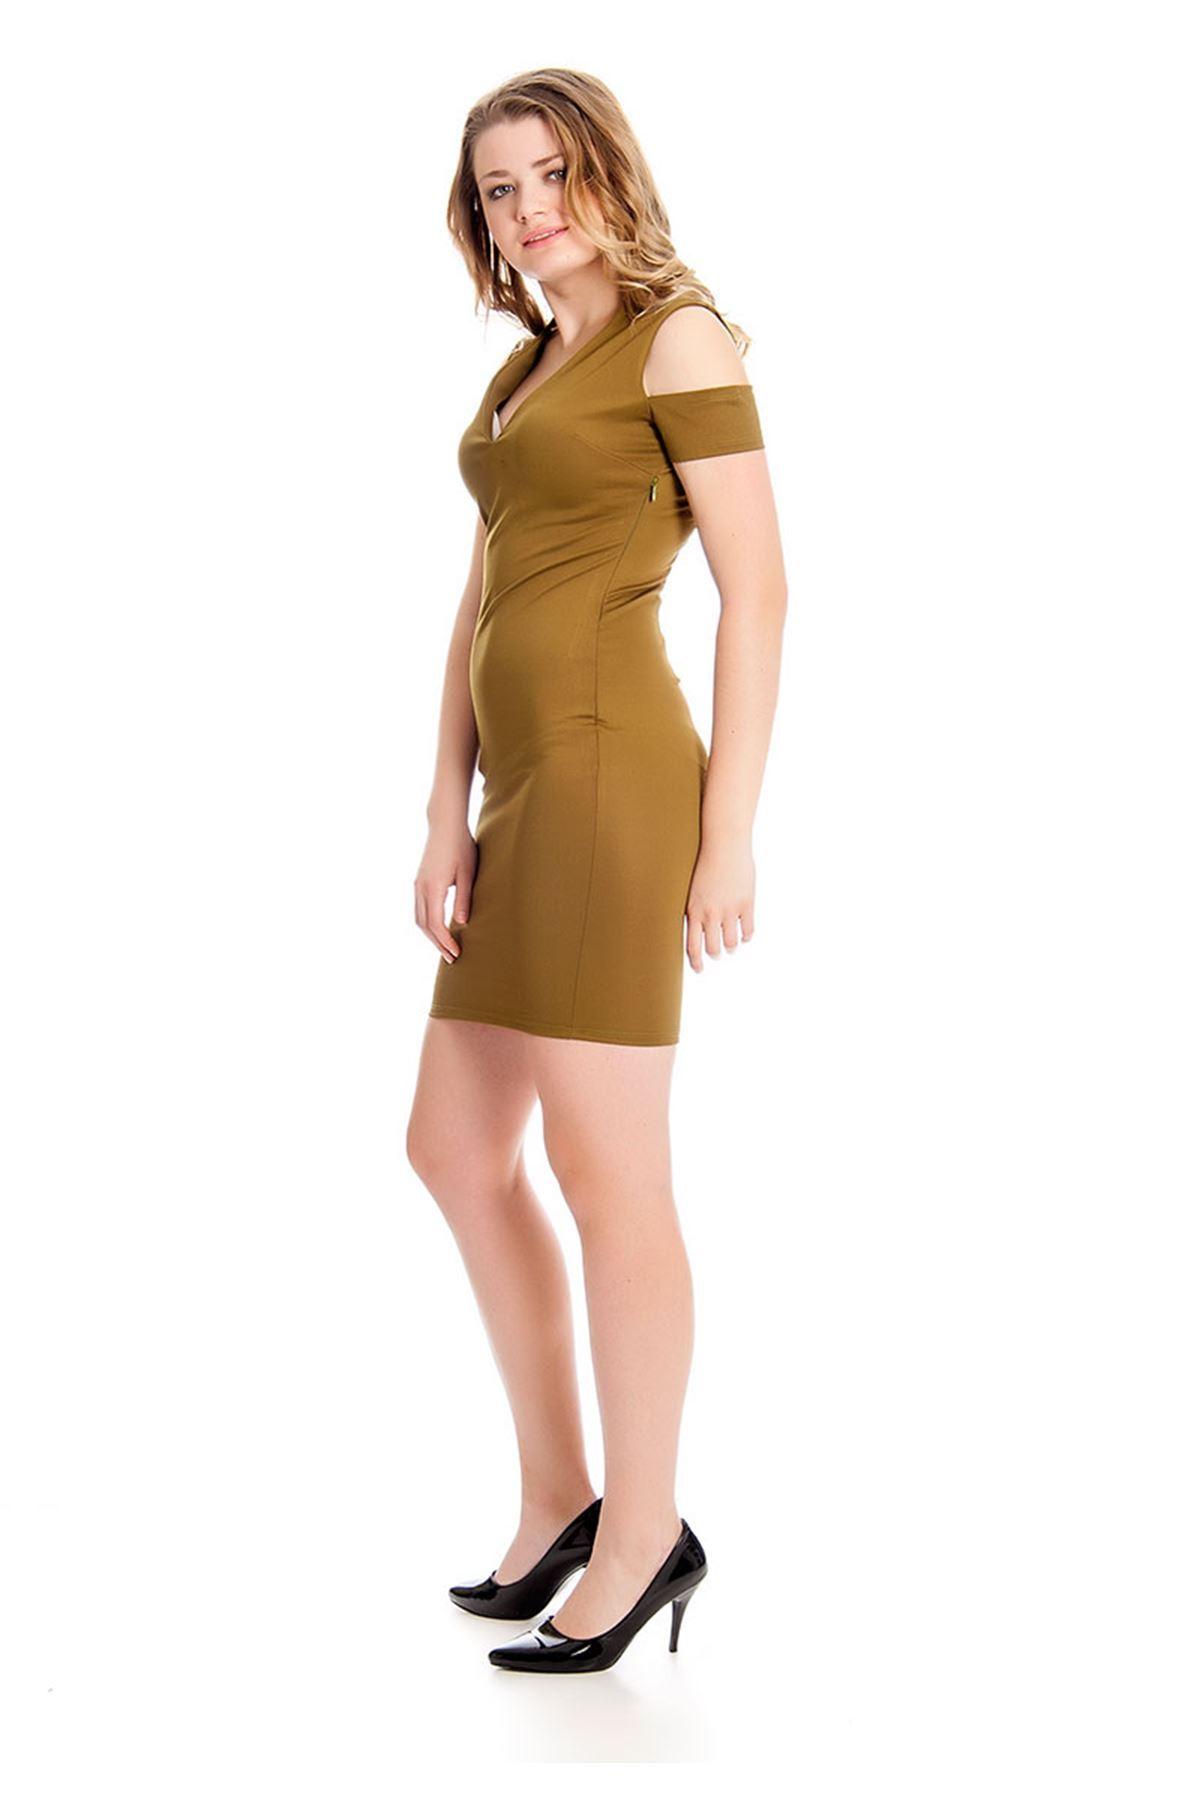 Kına Yeşili Dekolte Kadın Elbise H9-126900